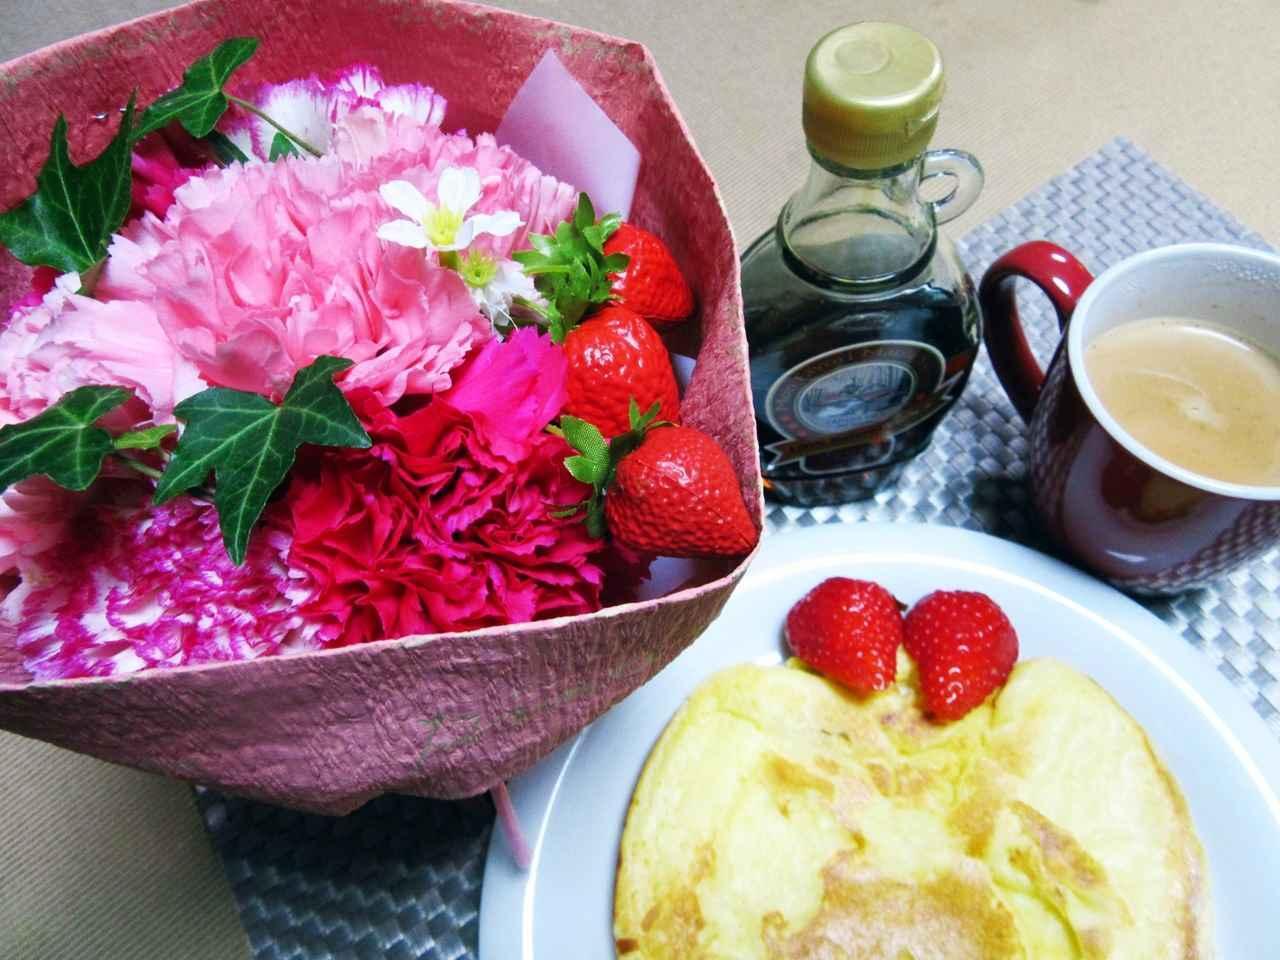 【日比谷花壇】母の日 そのまま飾れるブーケ「ストロベリーピンク」届いた翌日、苺を添えたパンケーキと共に